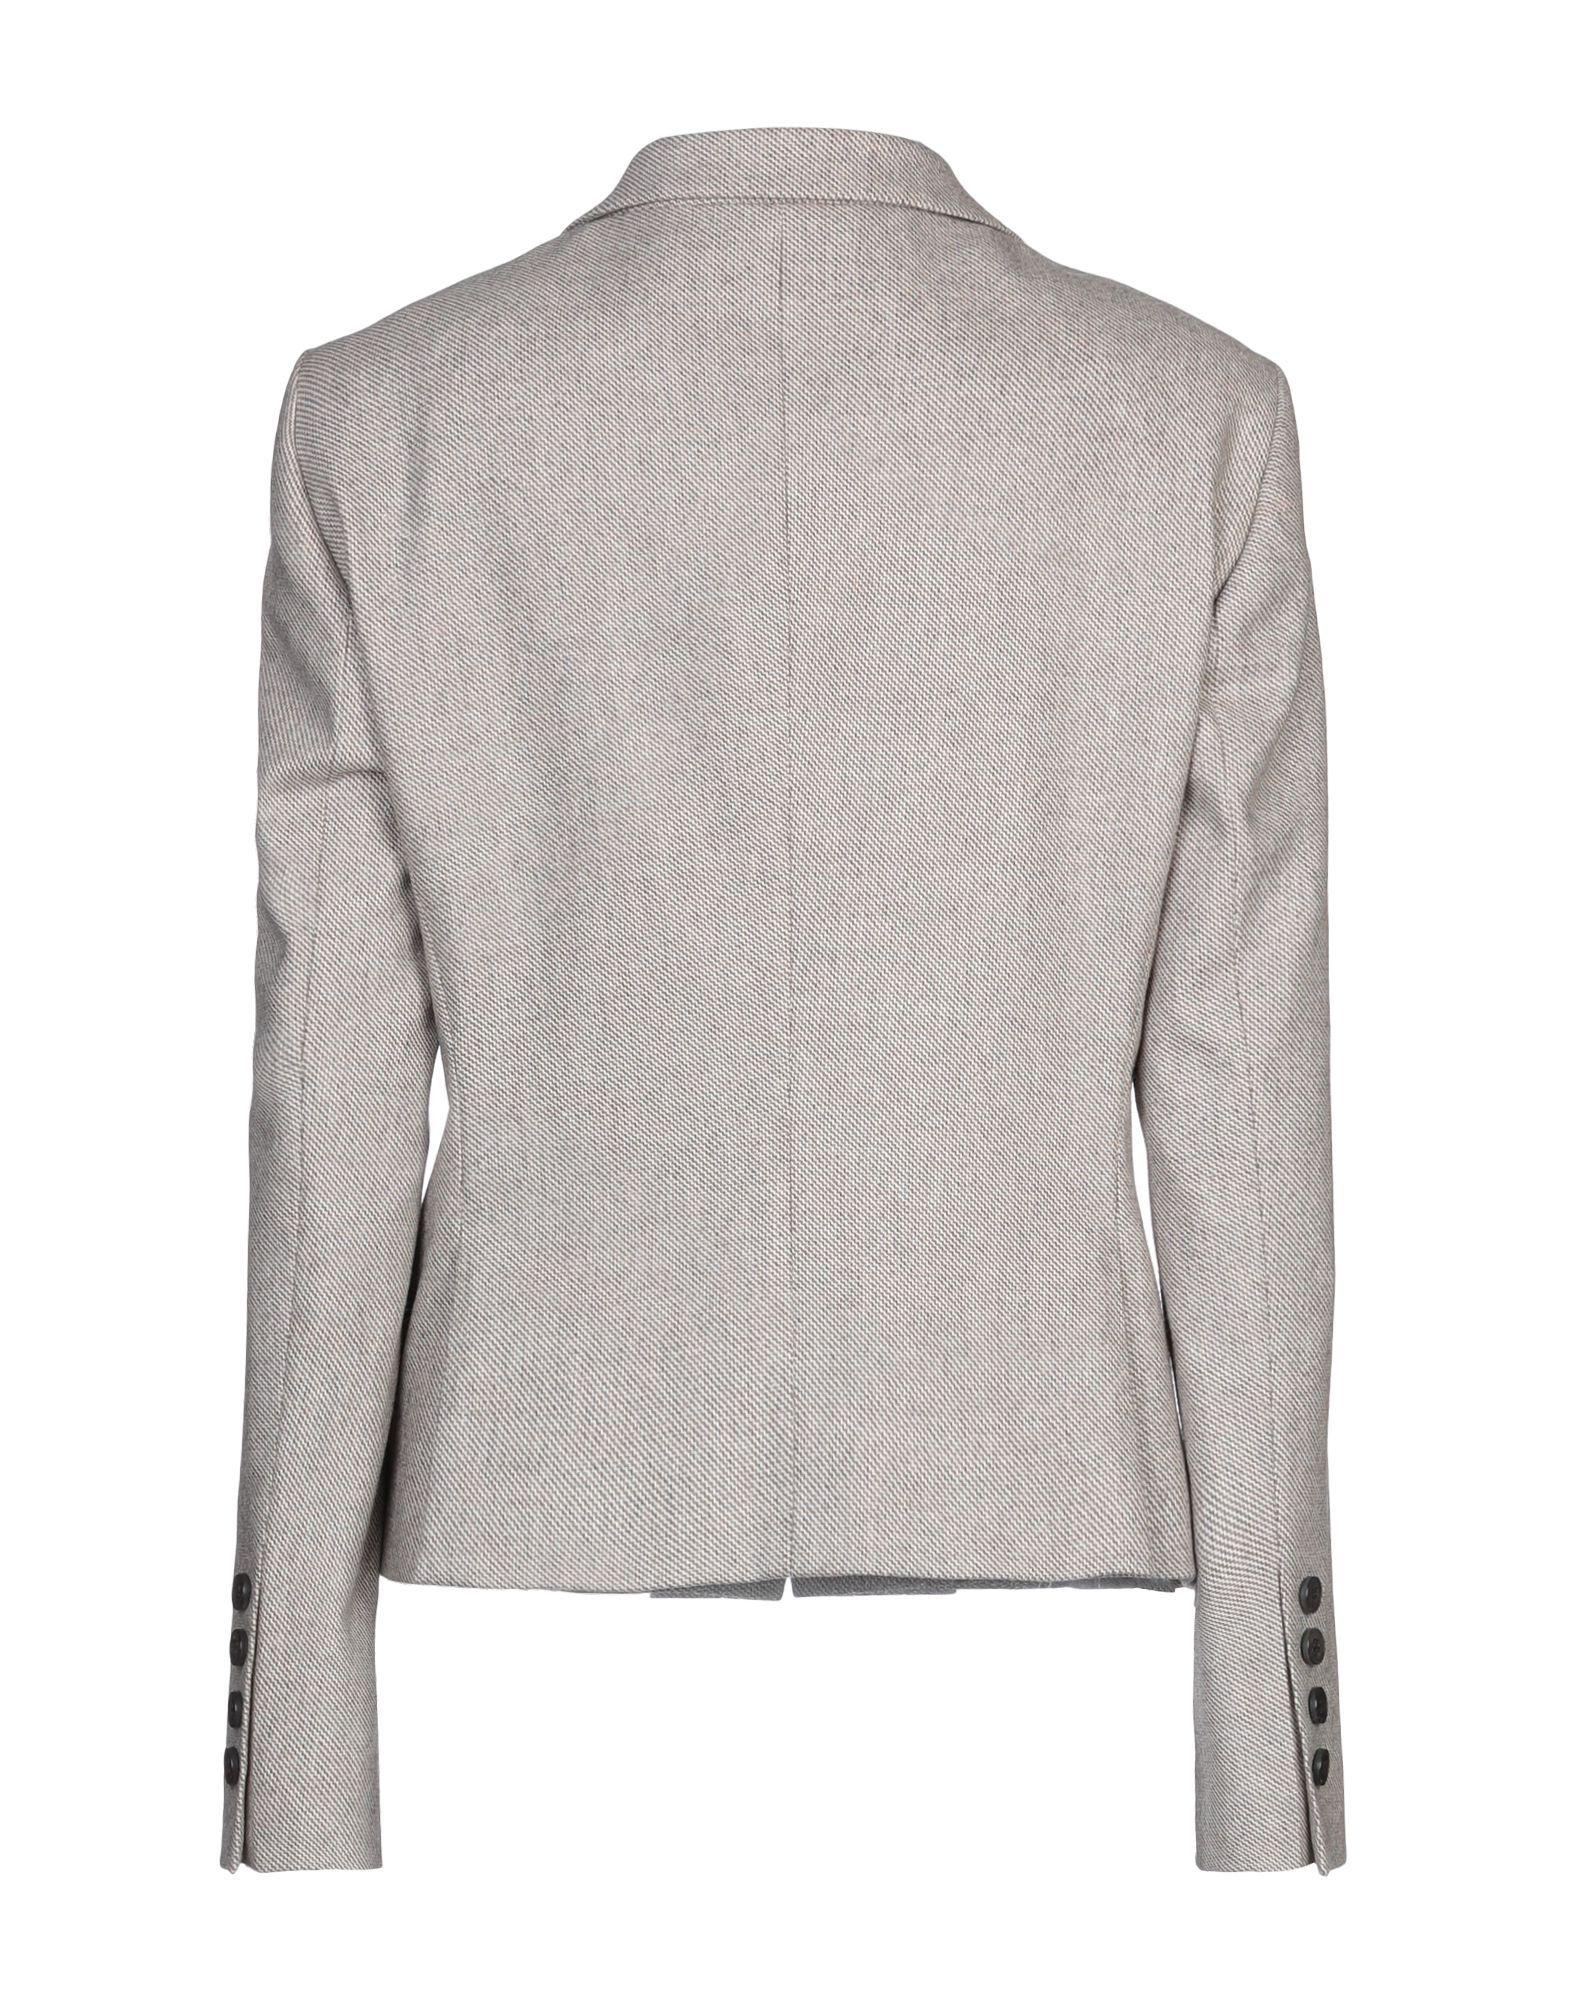 Boss Hugo Boss Beige Virgin Wool Single Breasted Blazer